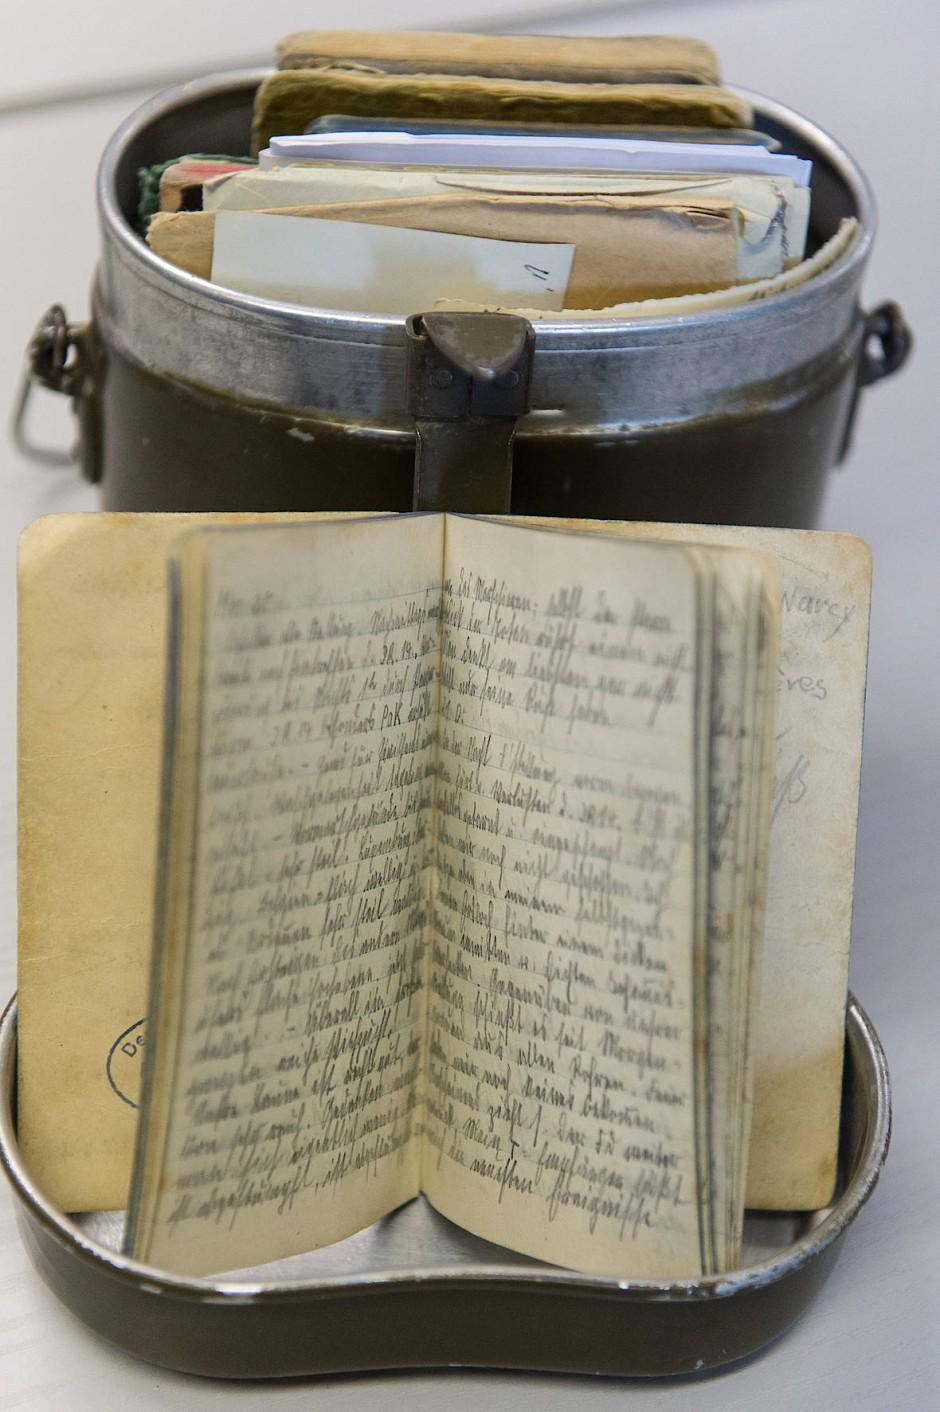 Ein deutscher Soldat bewahrte sein Tagebuch im zweiten Weltkrieg in einer Felddose auf.